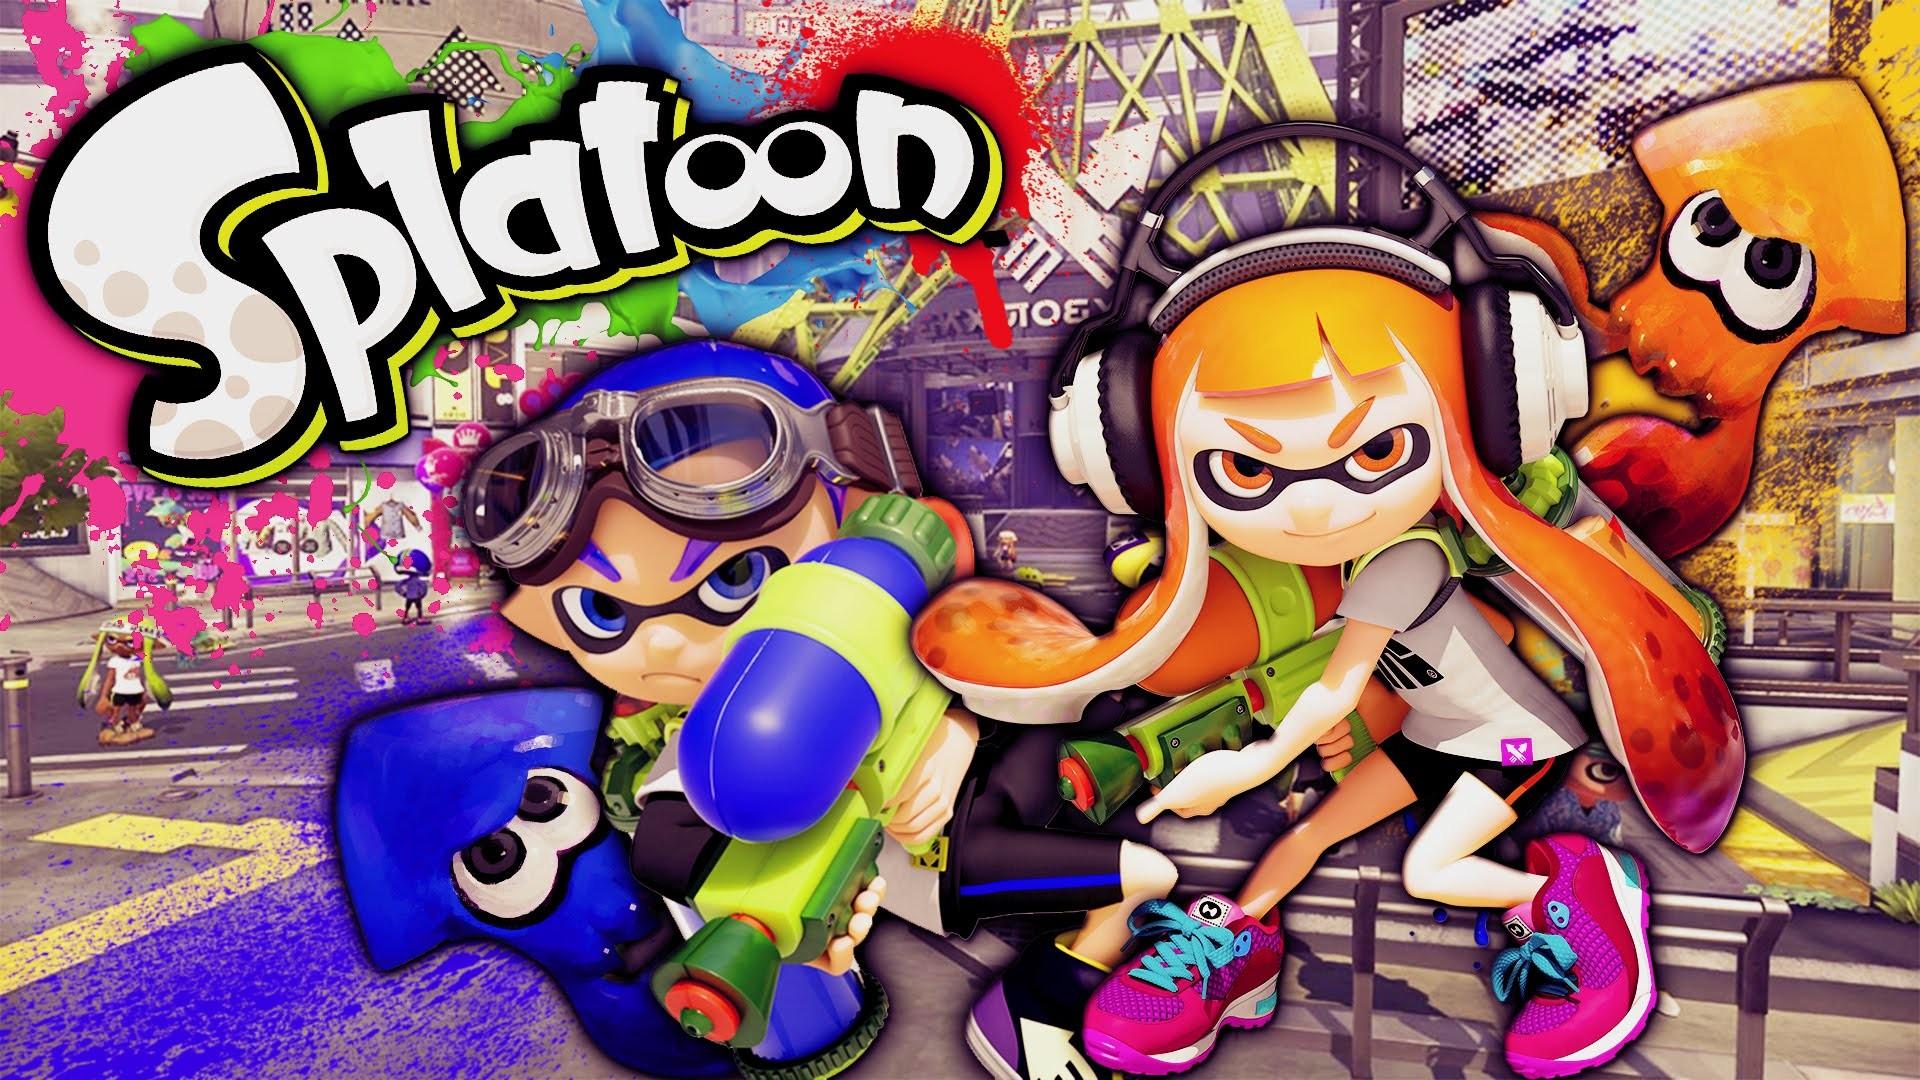 Splatoon Desktop Background Wallpaper #2 - Play Nintendo